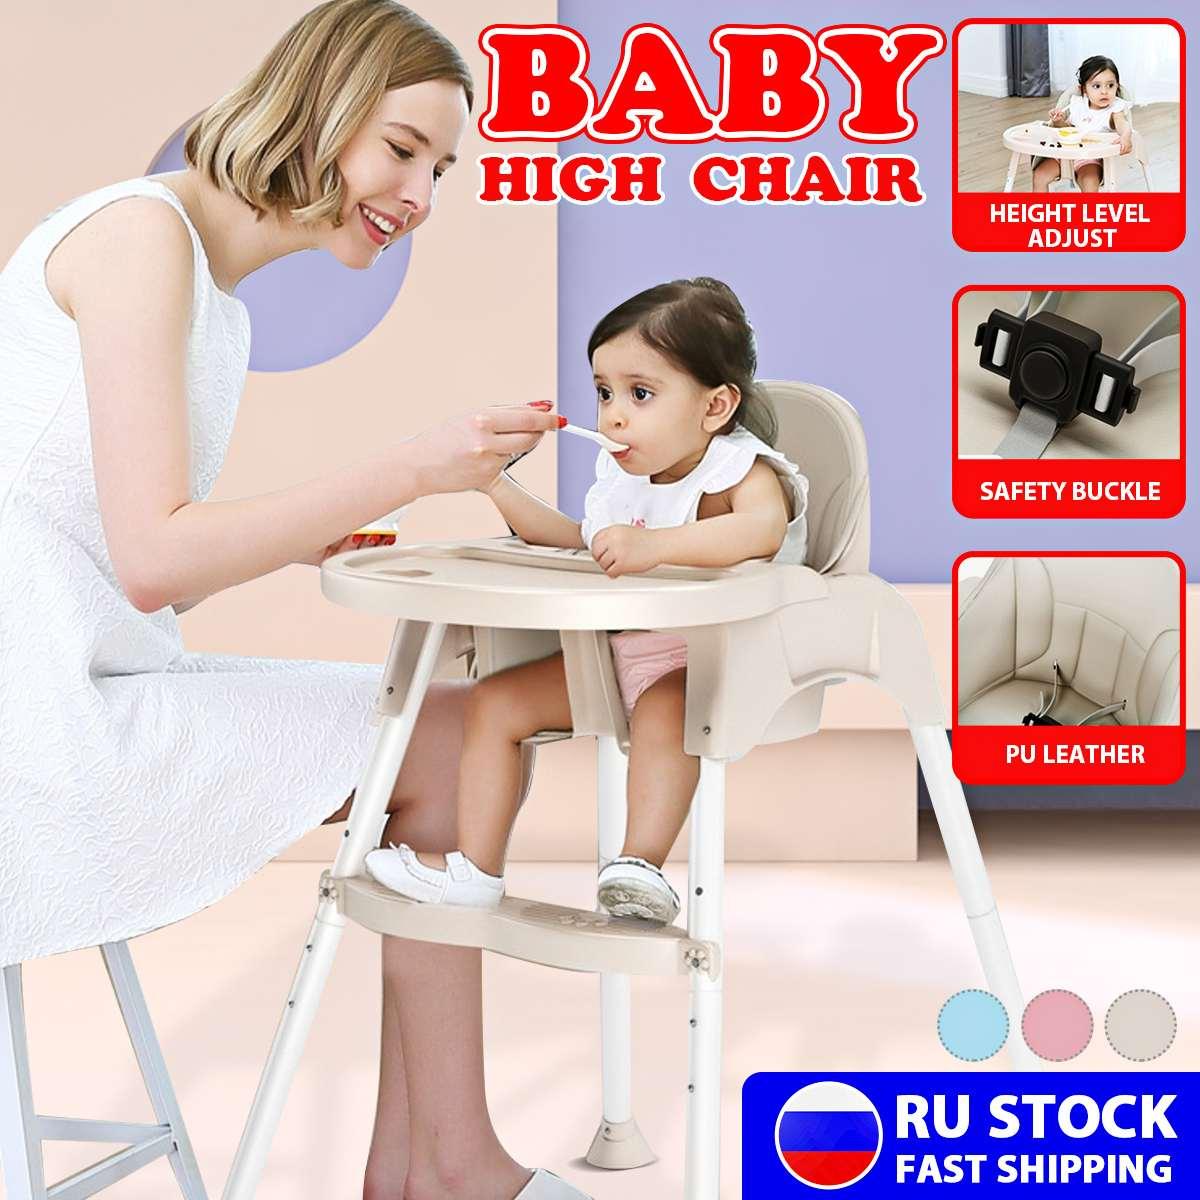 Новый многофункциональный детский стул для кормления с высокой ногой, детский обеденный стул с ремешком для детского сиденья, регулируемые складные стулья из искусственной кожи